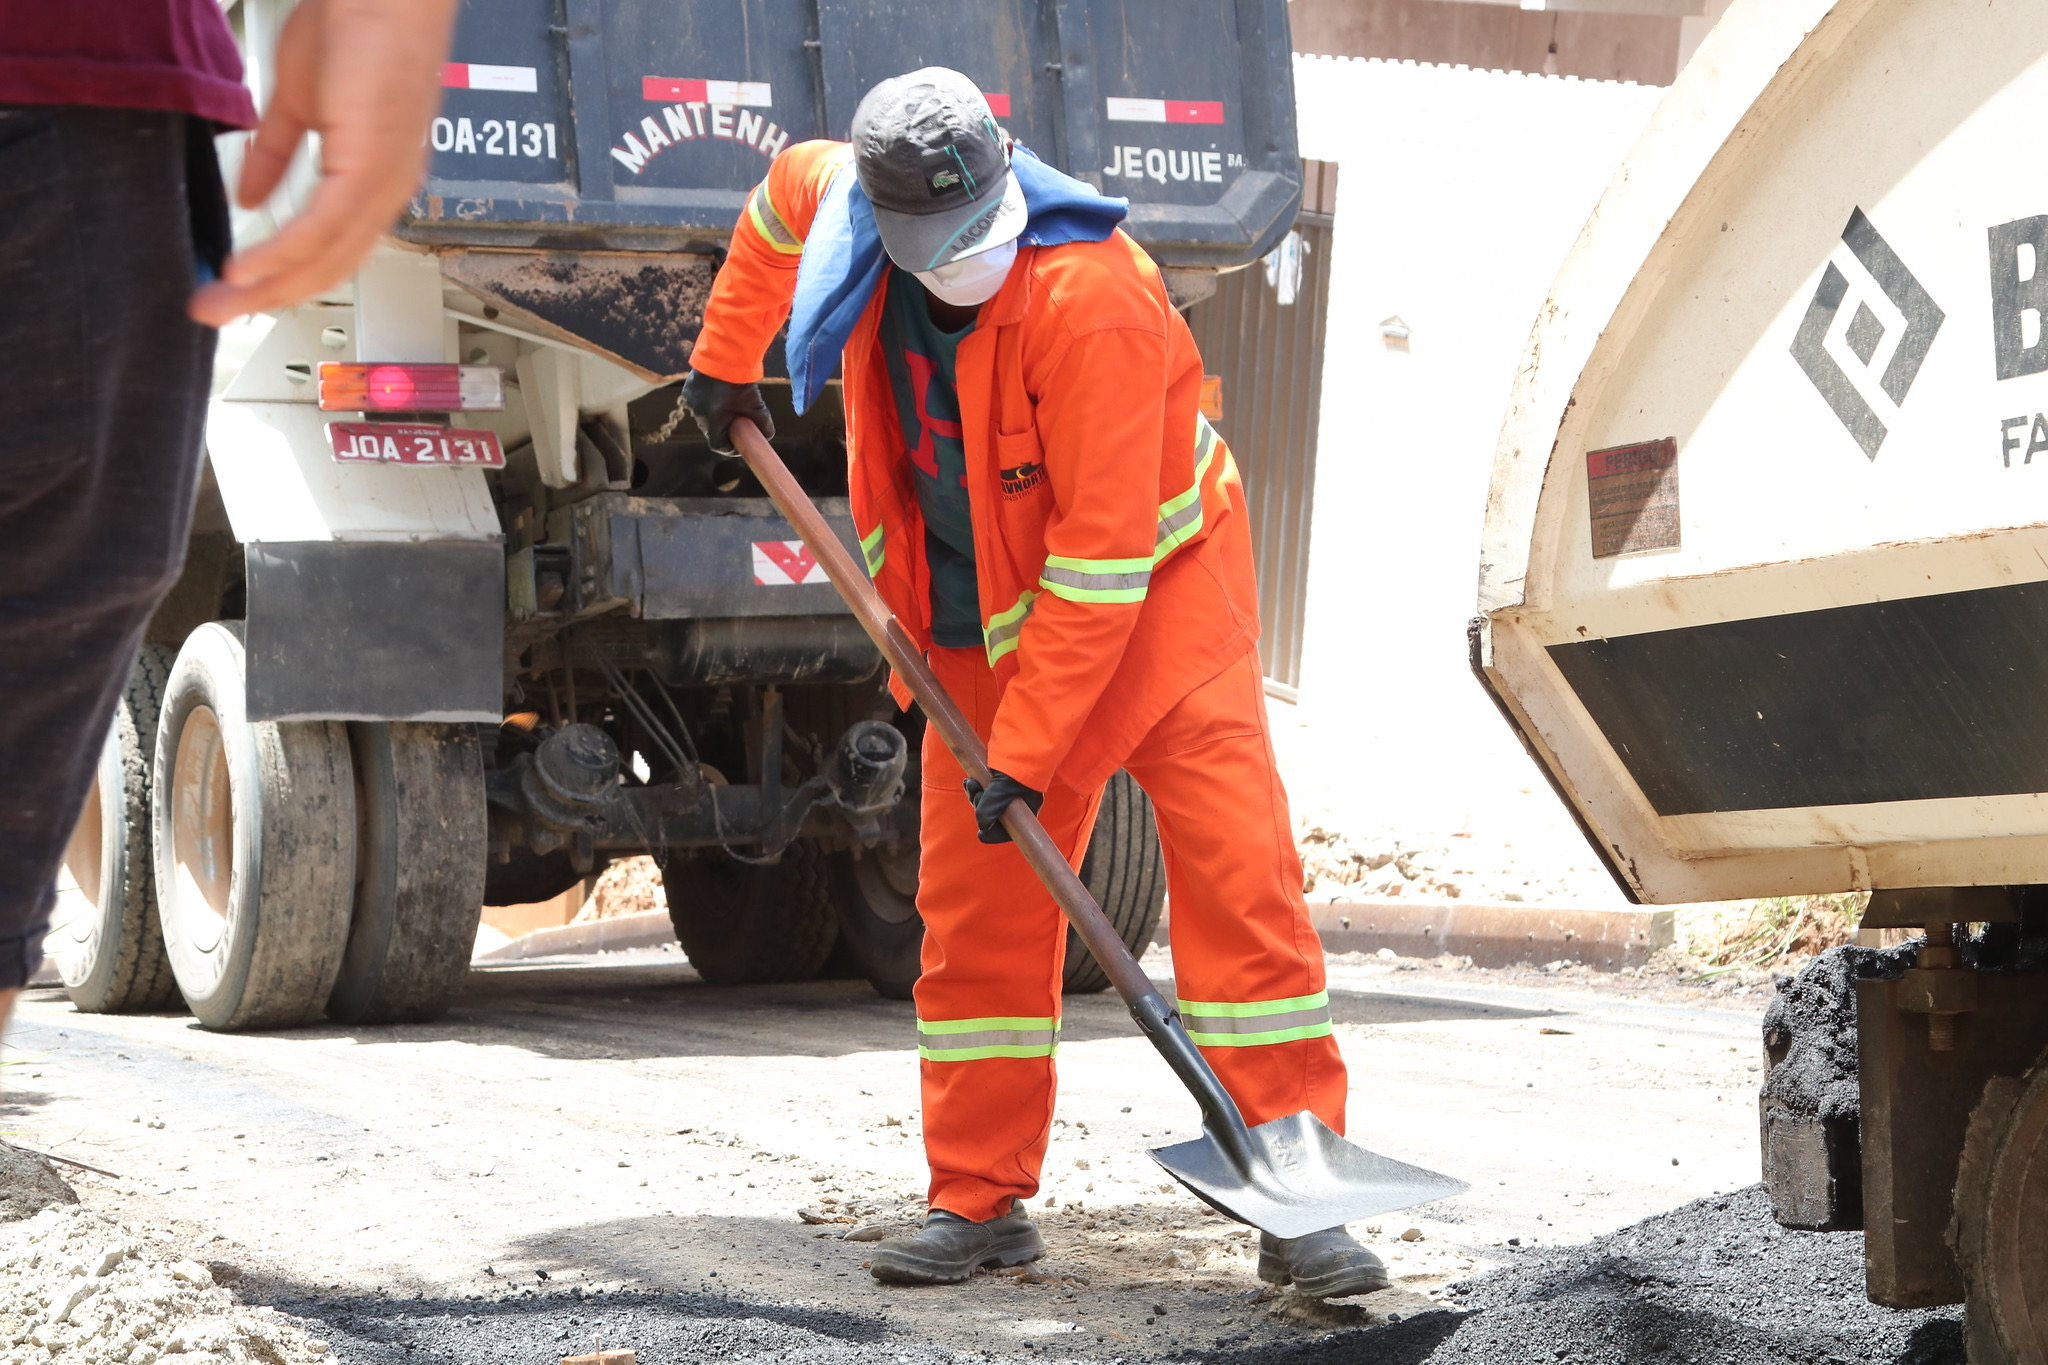 Prefeitura inicia pavimentação asfáltica no Caji, Pitangueiras e Ipitanga. Outras obras já estão em andamento